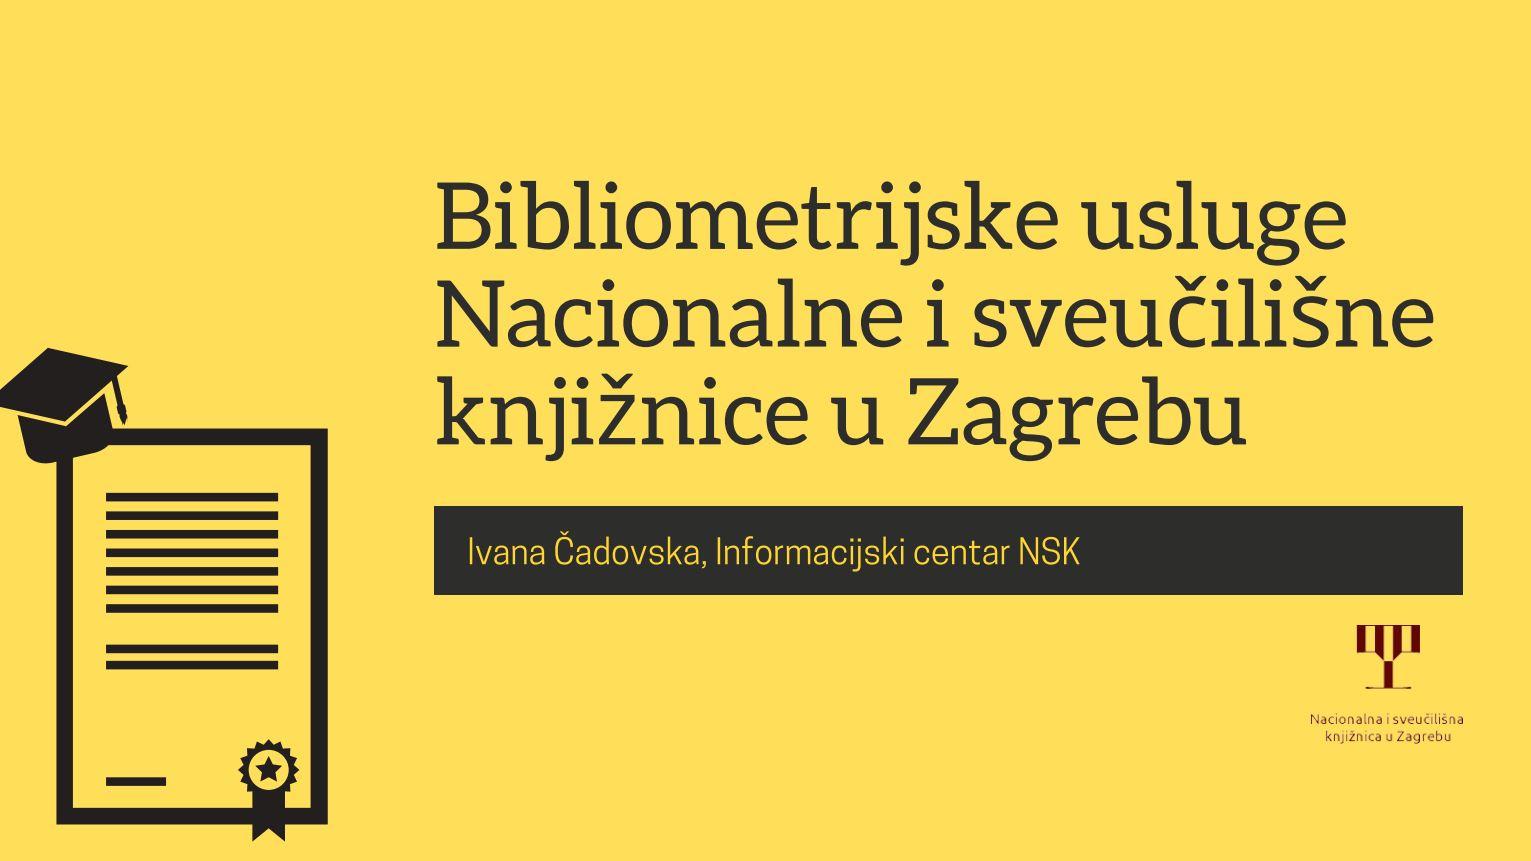 prikaz prve stranice dokumenta Bibliometrijske usluge Nacionalne i sveučilišne knjižnice u Zagrebu